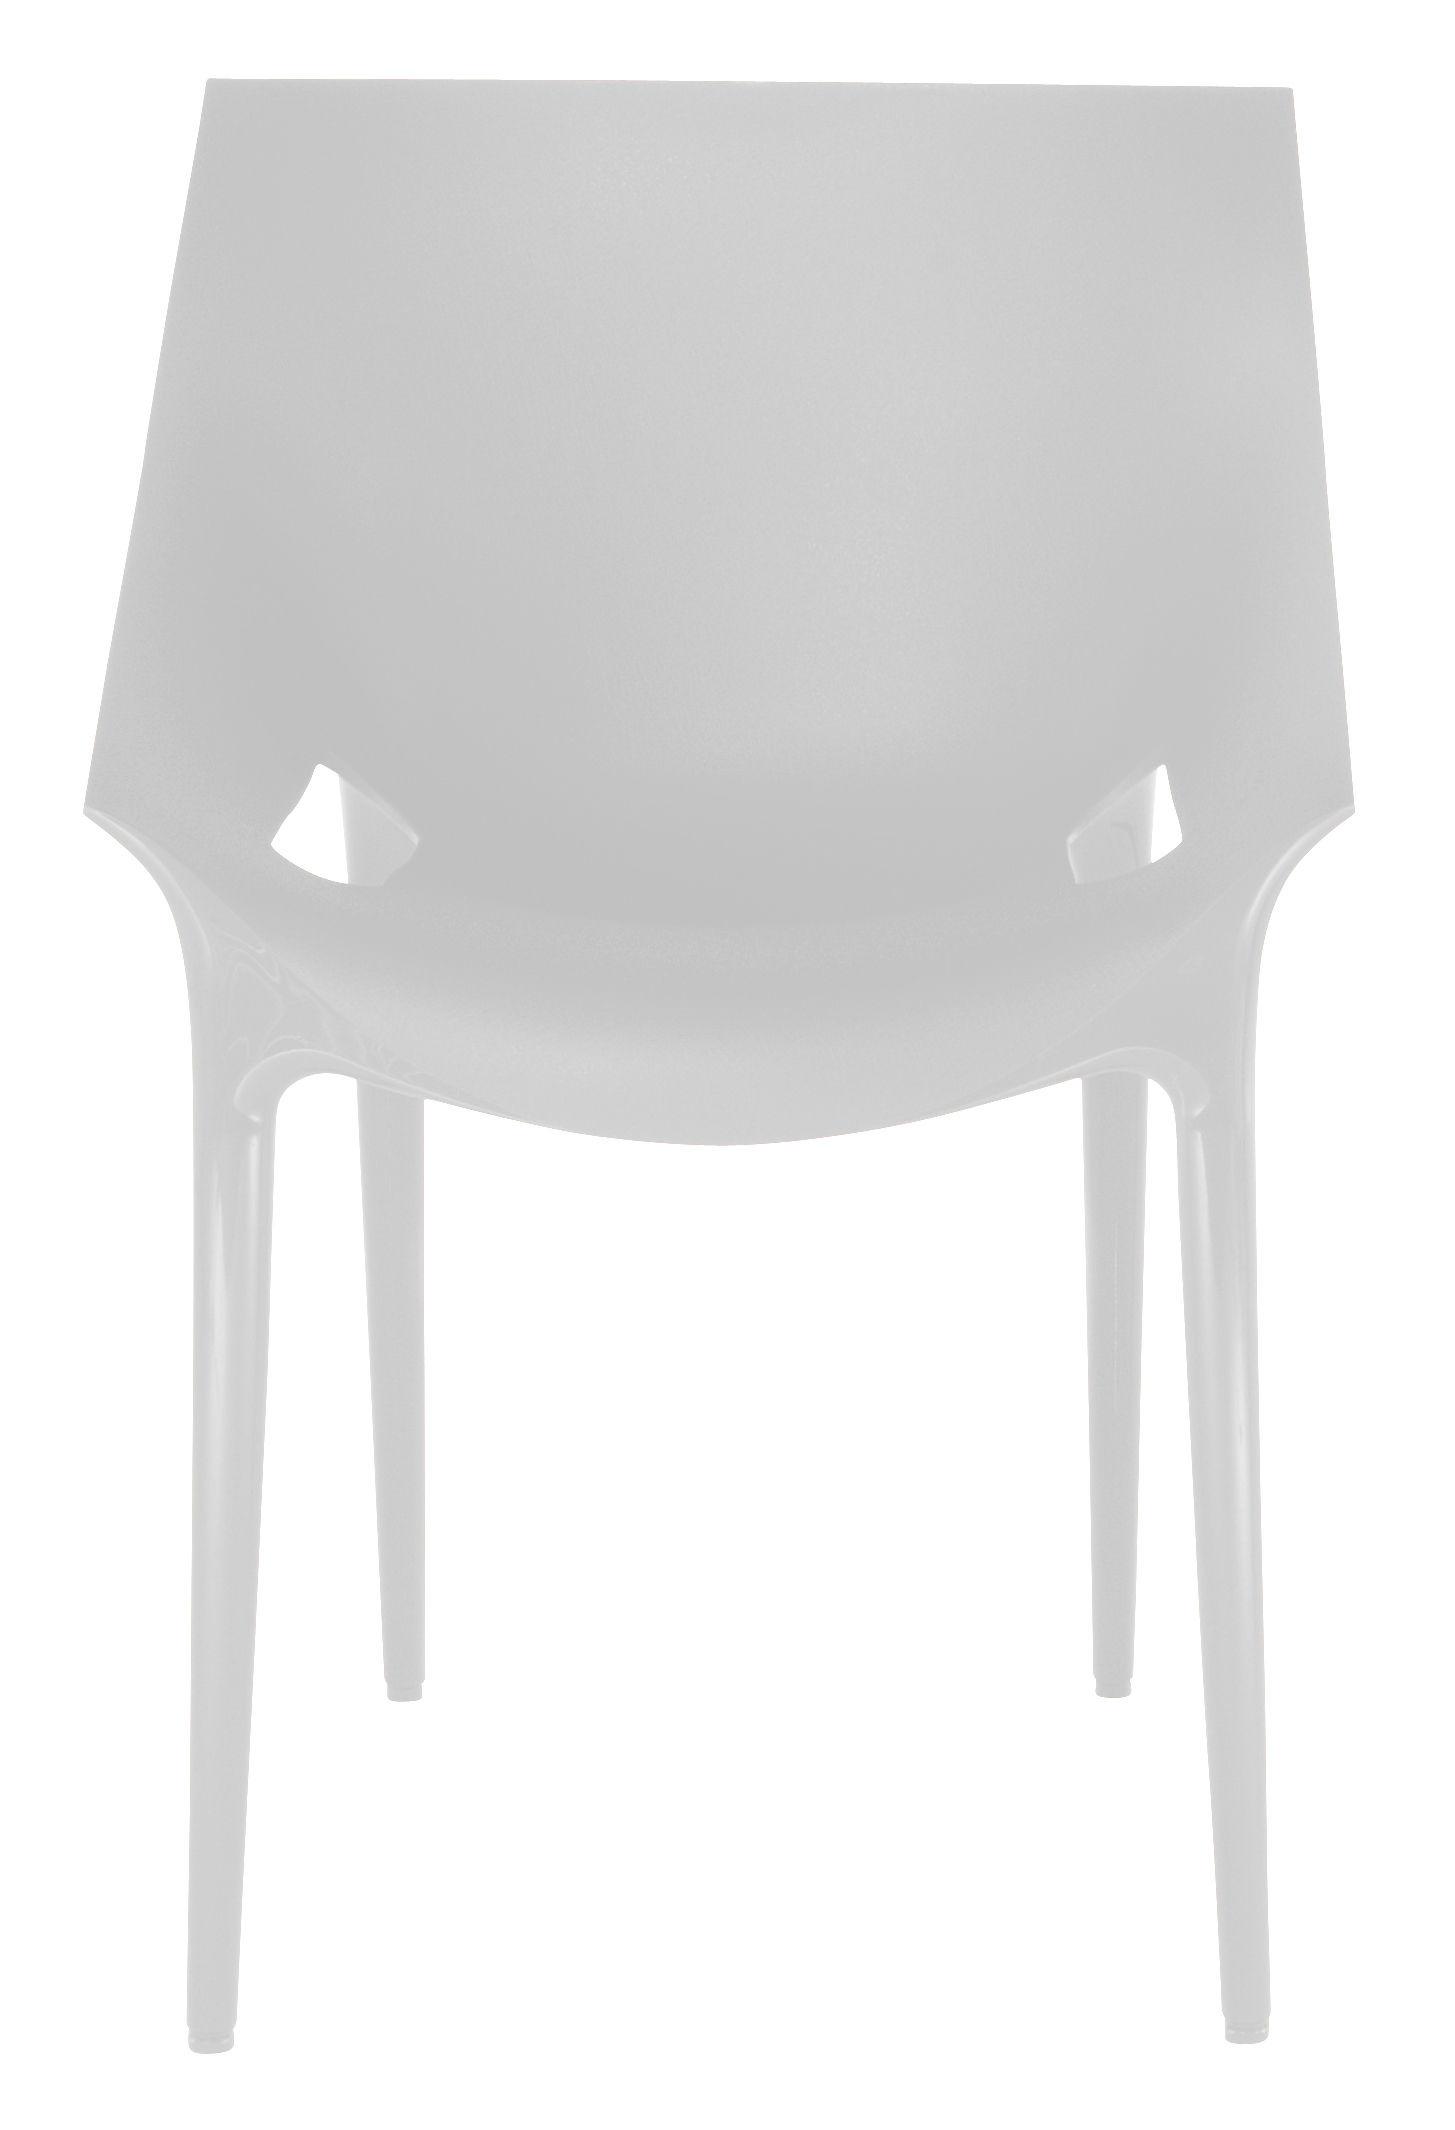 Mobilier - Chaises, fauteuils de salle à manger - Fauteuil empilable Dr. YES / Polypropylène - Kartell - Blanc - Polypropylène